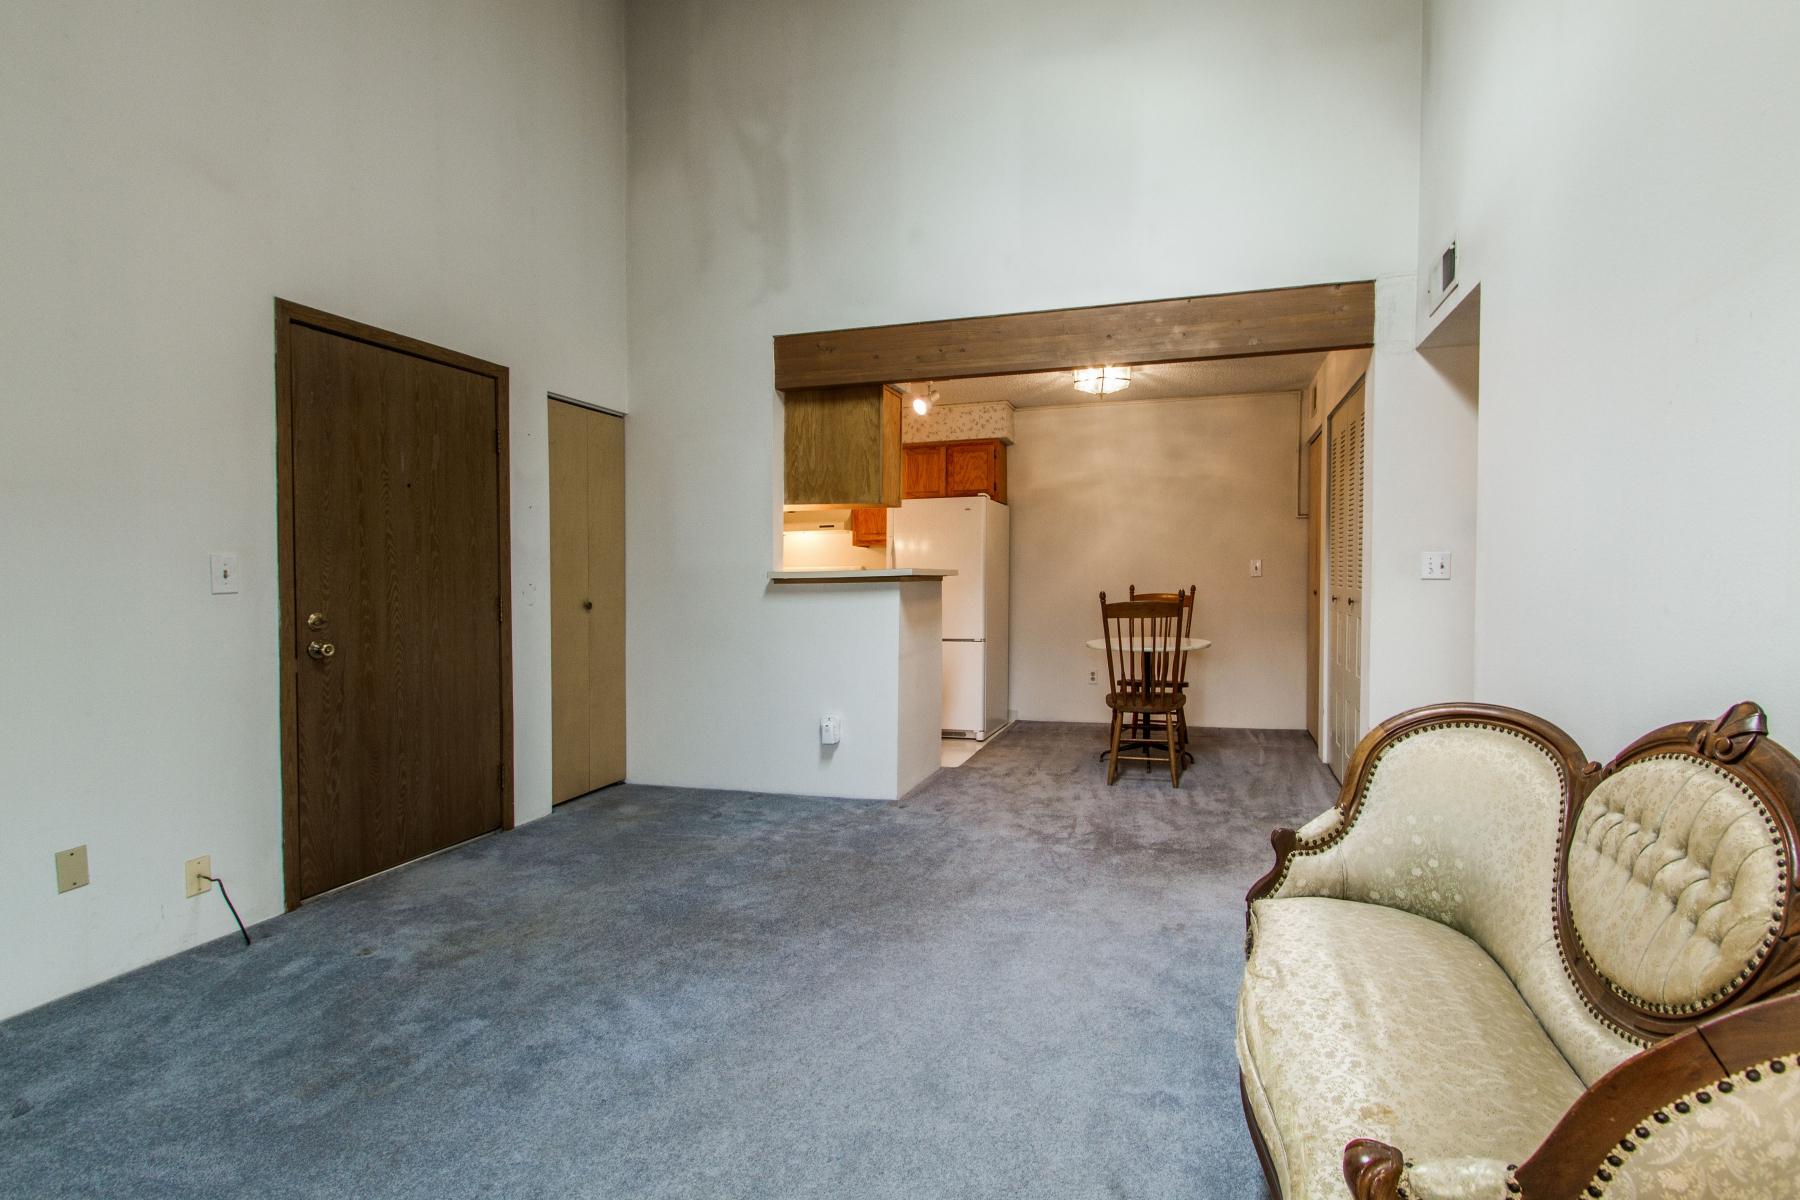 Living-Room_1800x1200_2694160.jpg